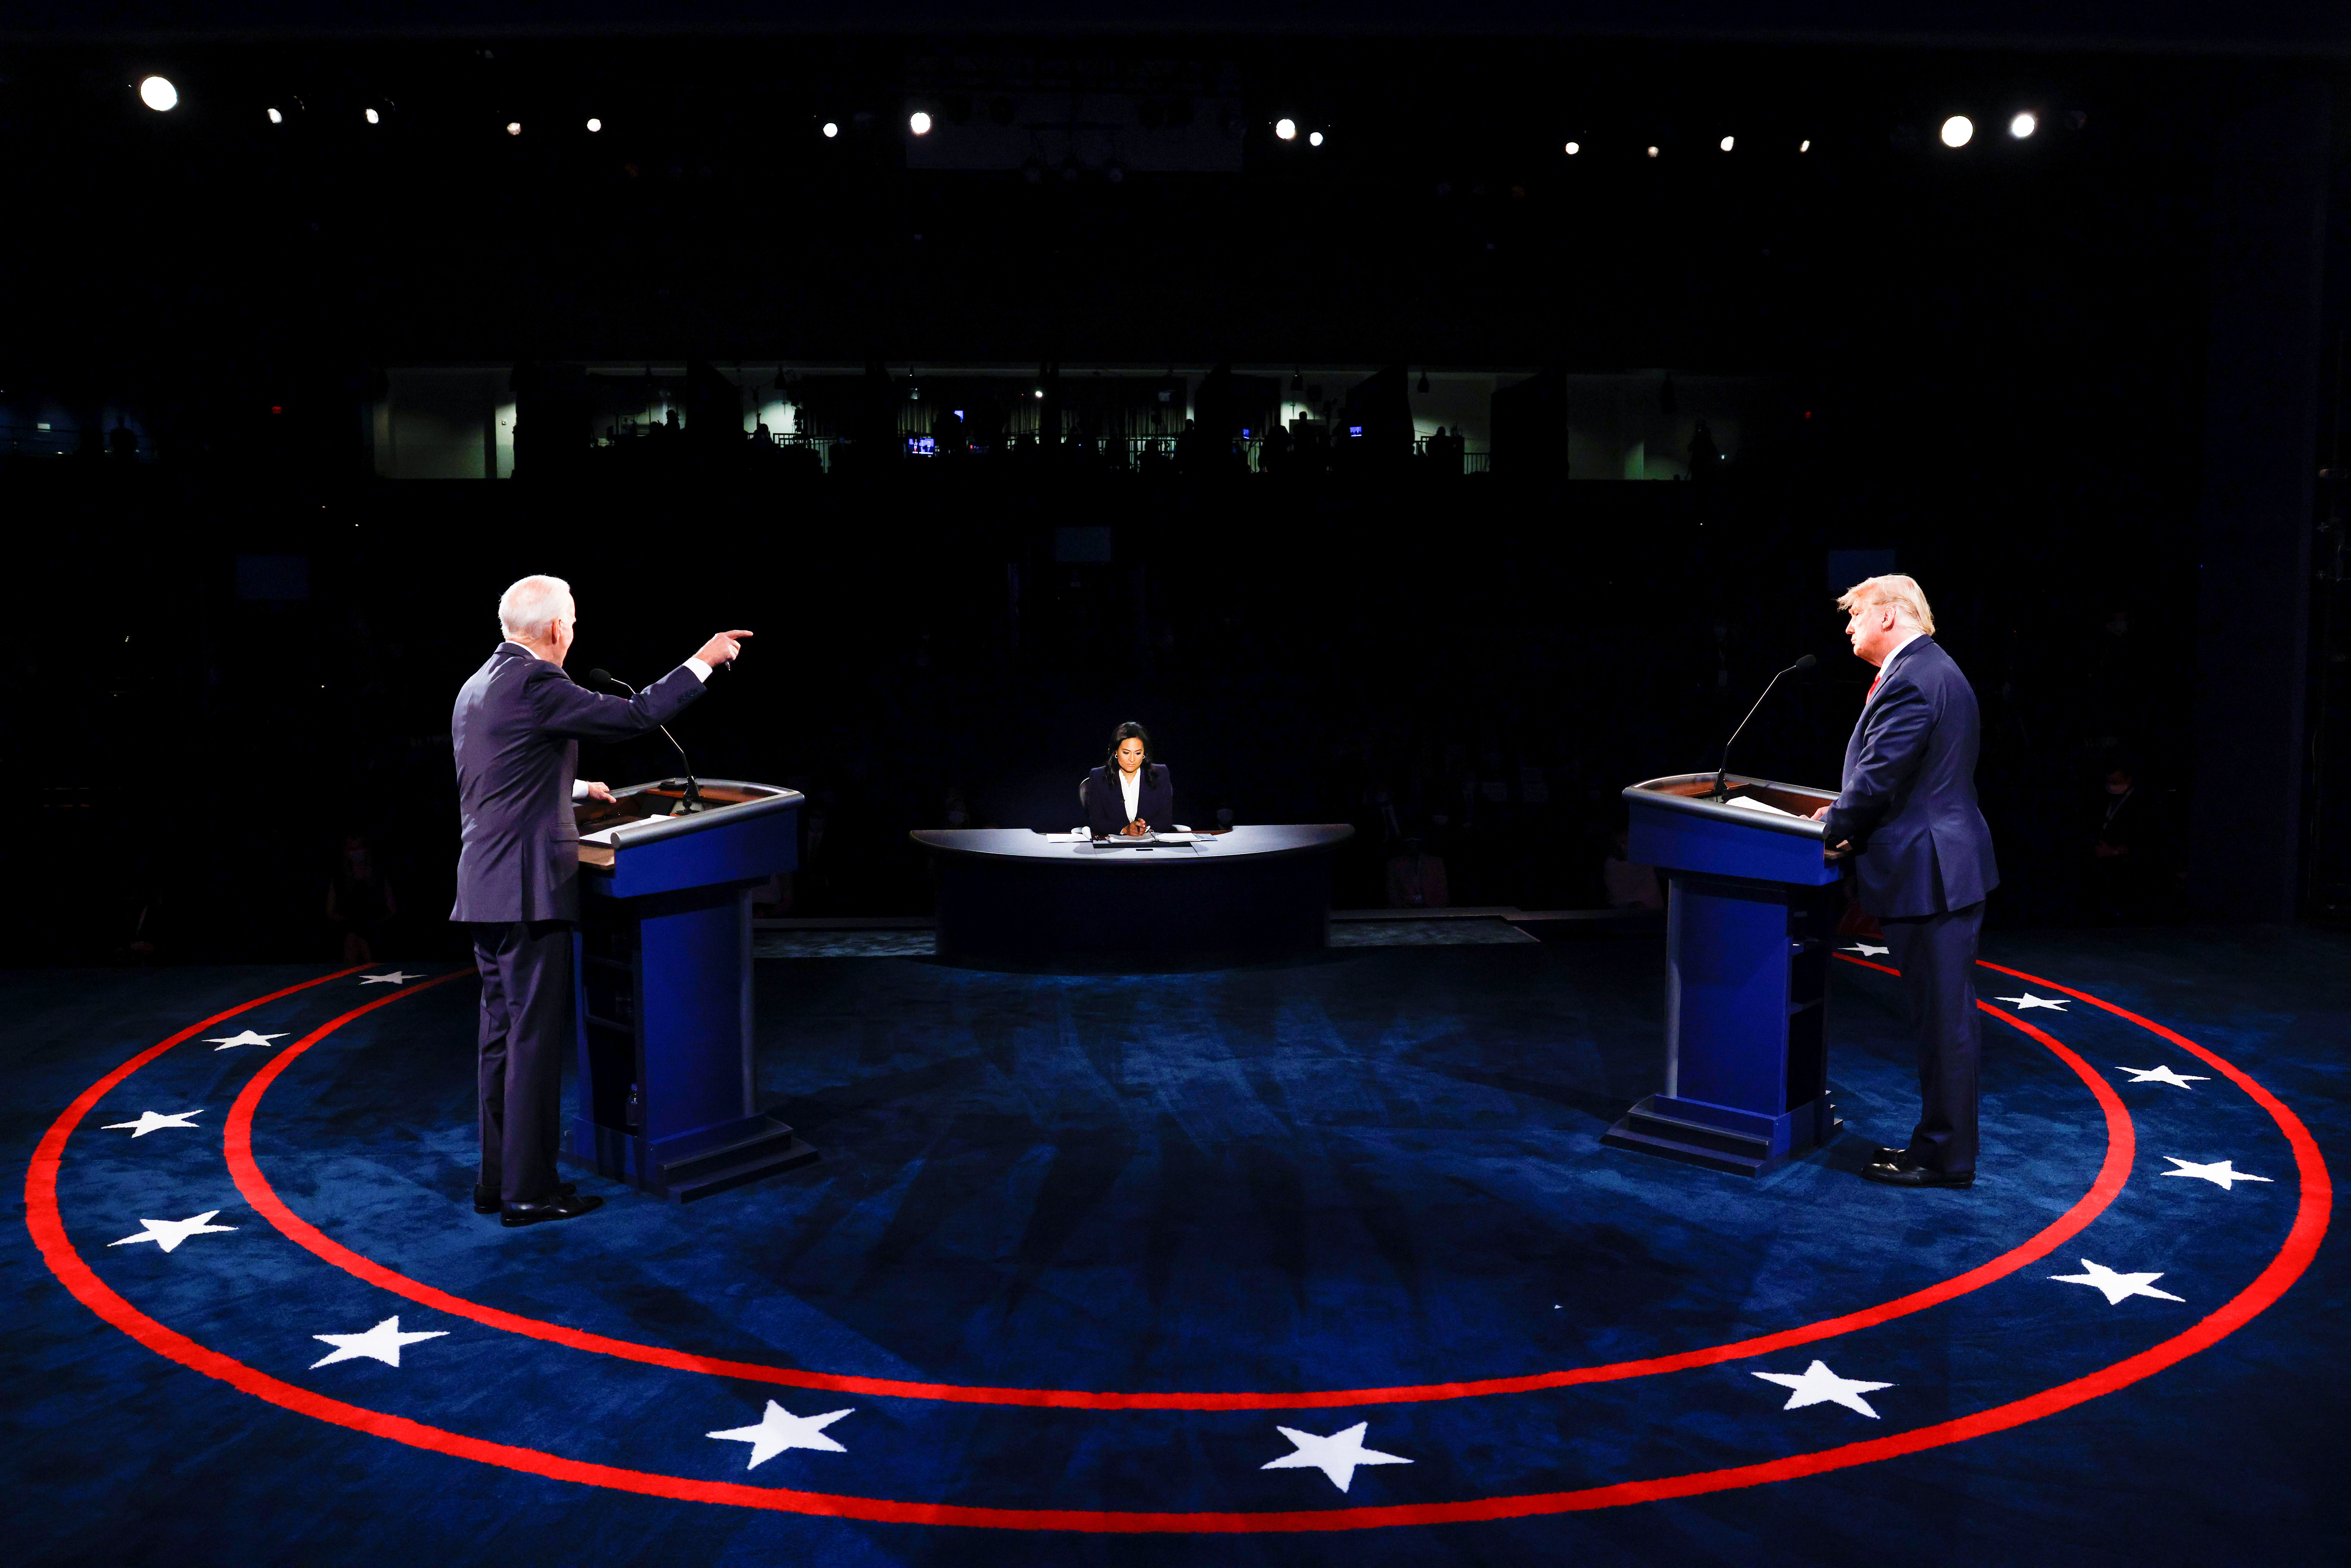 Αμερικανικές εκλογές: Με εξάρσεις το debate – Τραμπ: Πήρες λεφτά από τον Πούτιν – Μπάιντεν: Είσαι ψεύτης